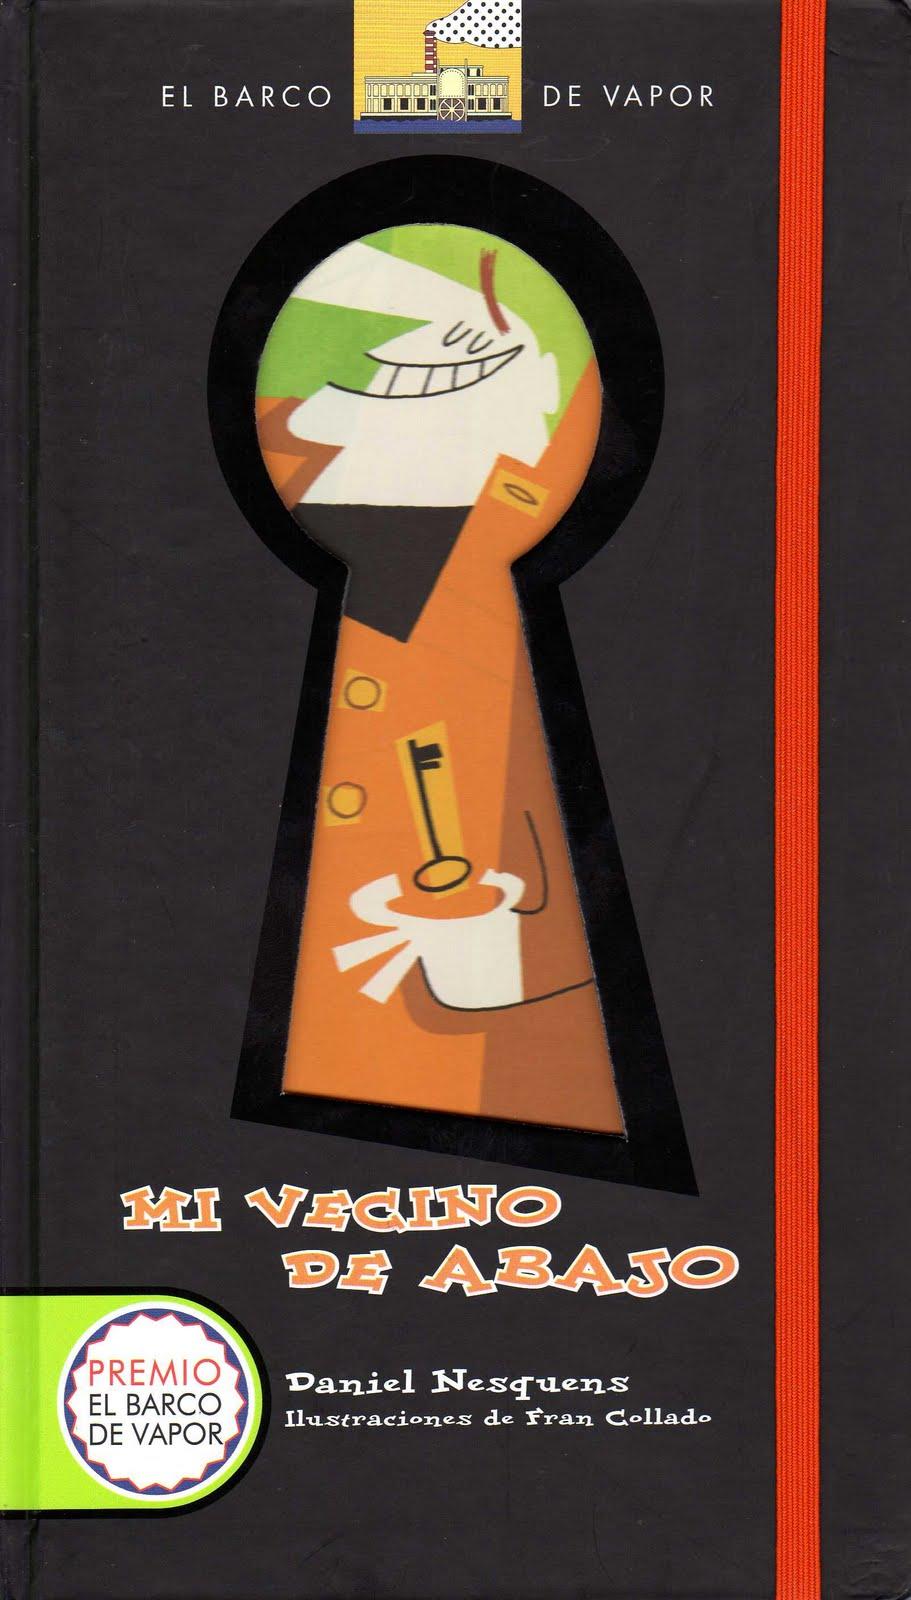 Libros de lectura infantil y juvenil actuales abril 2011 - En el piso de abajo libro ...